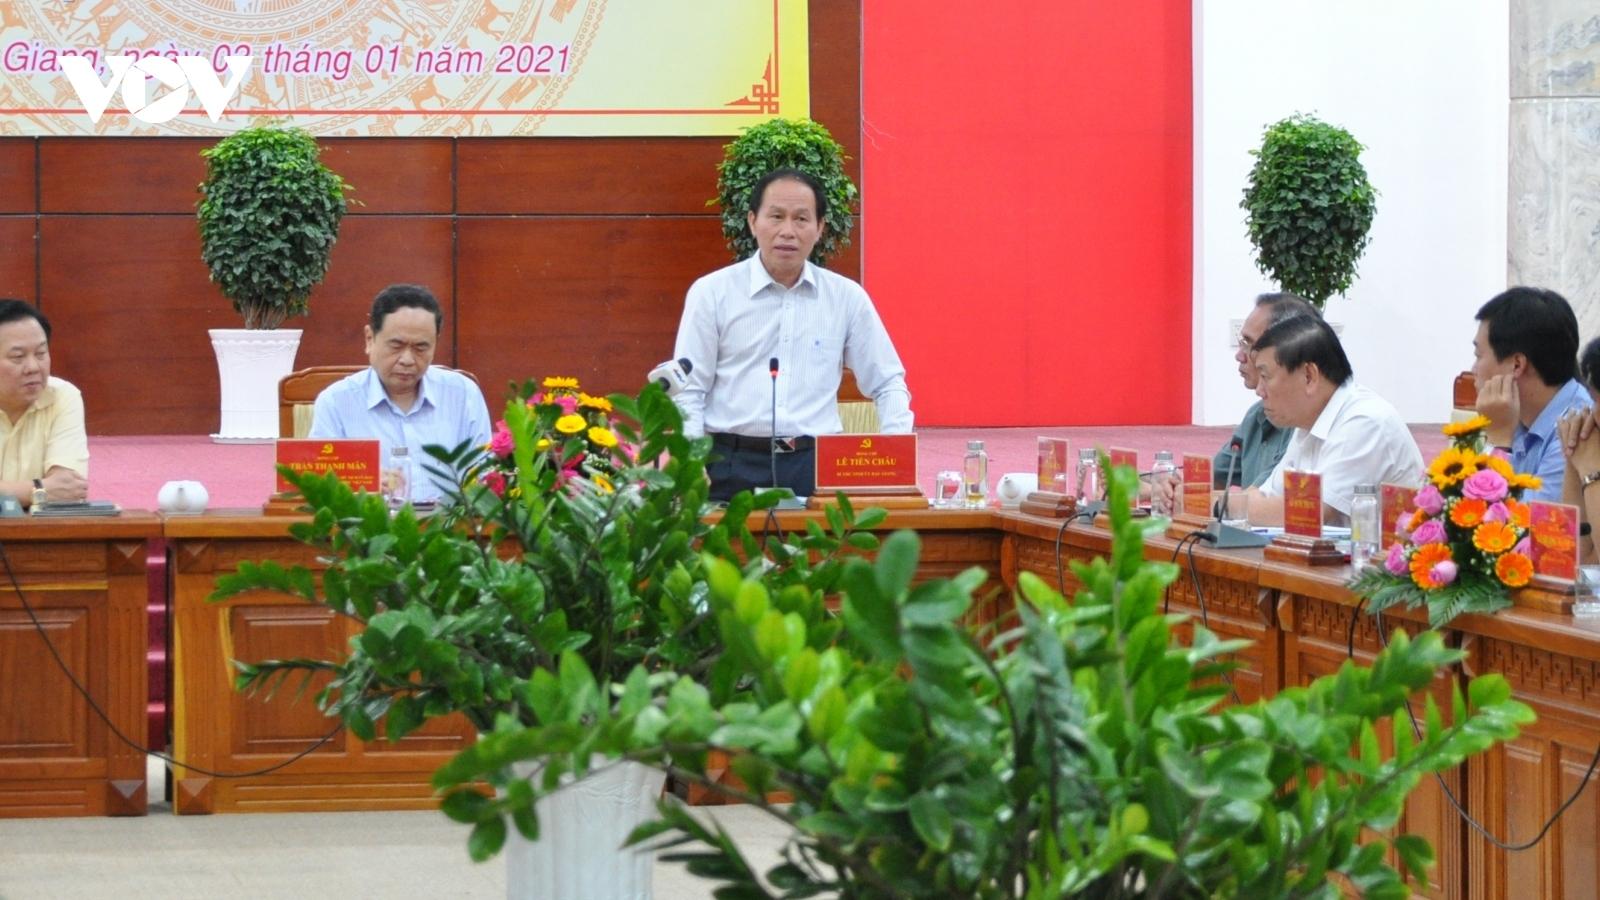 Ủy ban Quản lý vốn Nhà nước tại doanh nghiệp làm việc với lãnh đạo các tỉnh, thành ĐBSCL